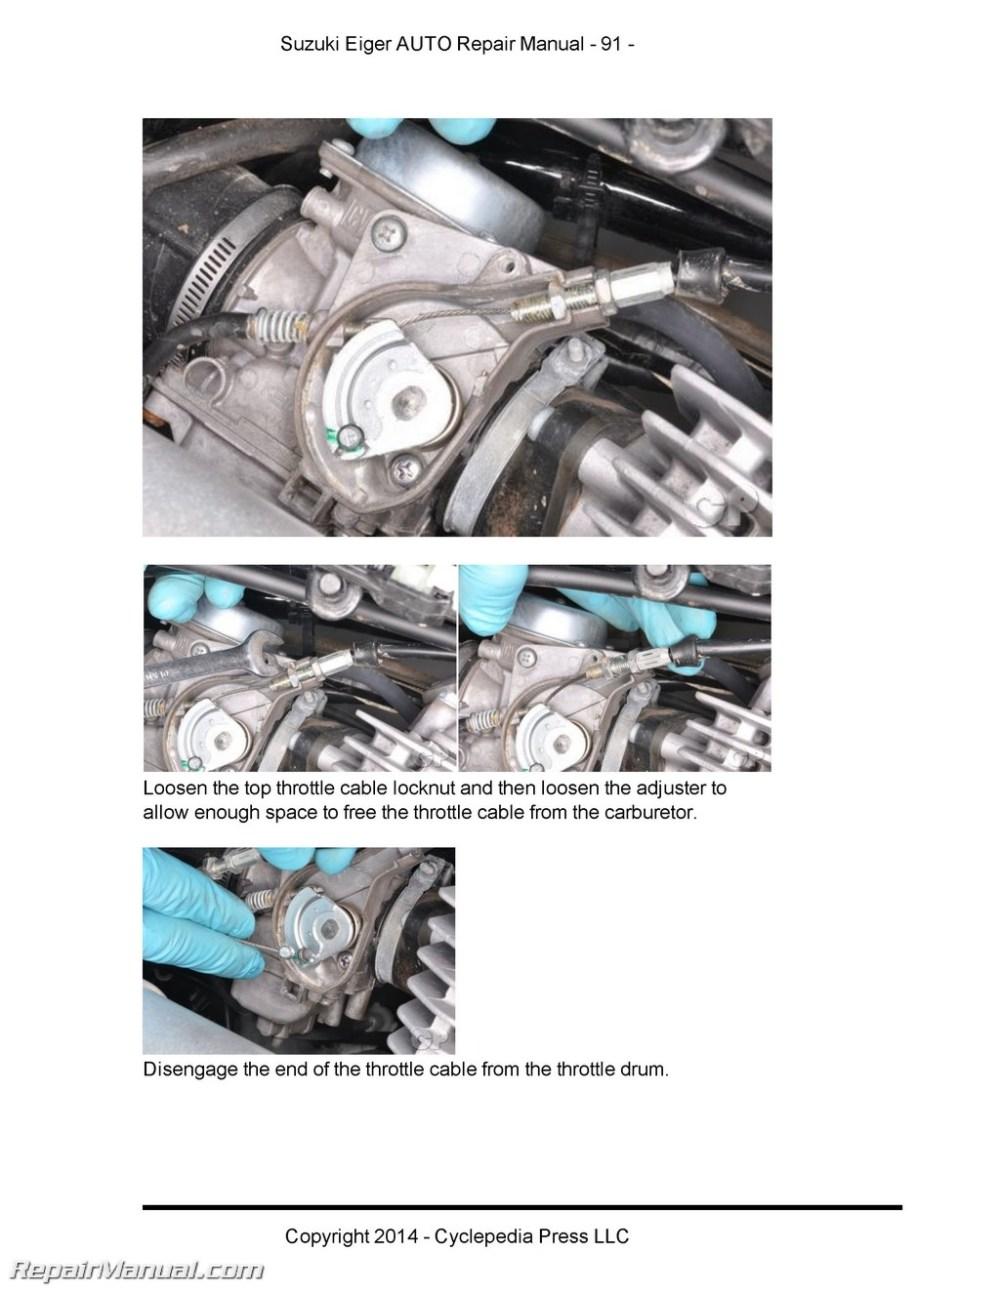 medium resolution of suzuki wiring schematics 2005 lt a400fk5